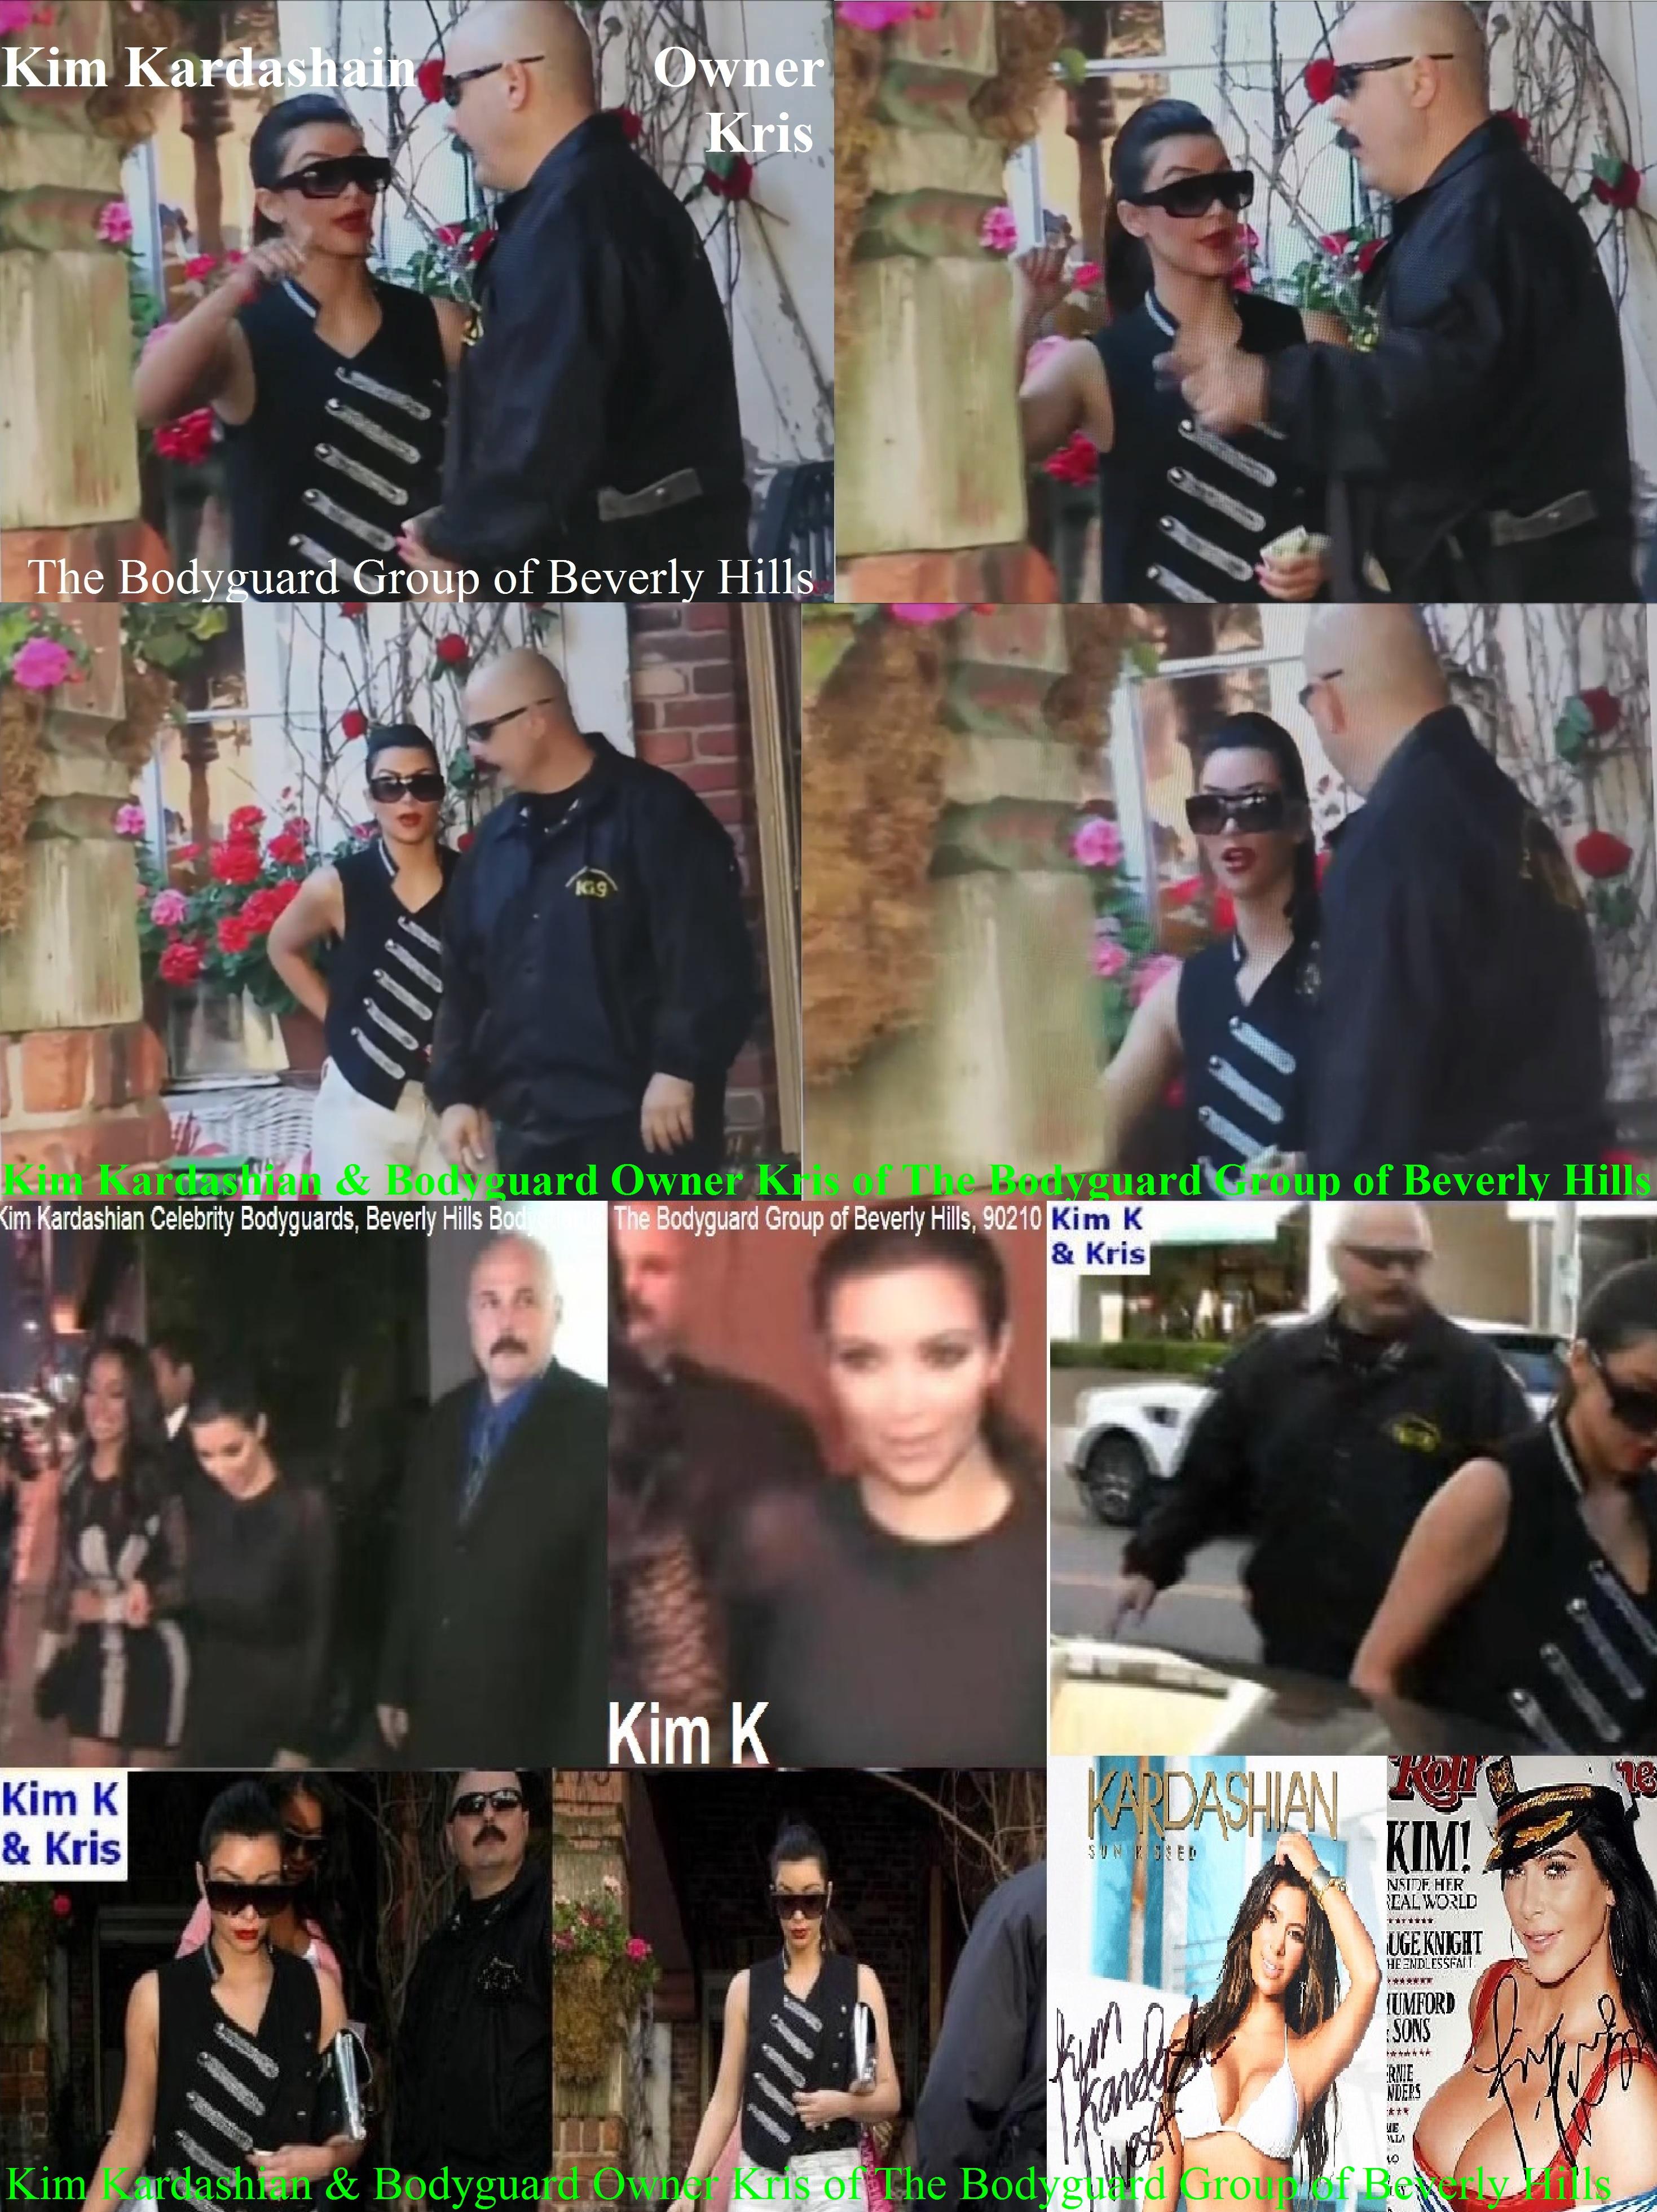 Kim Kardashian Bodyguard Famous celebrity bodyguard Kris Herzog of The Bodyguard Group of Beverly Hills, 90210, Los Angeles celebrity bodyguard for hire